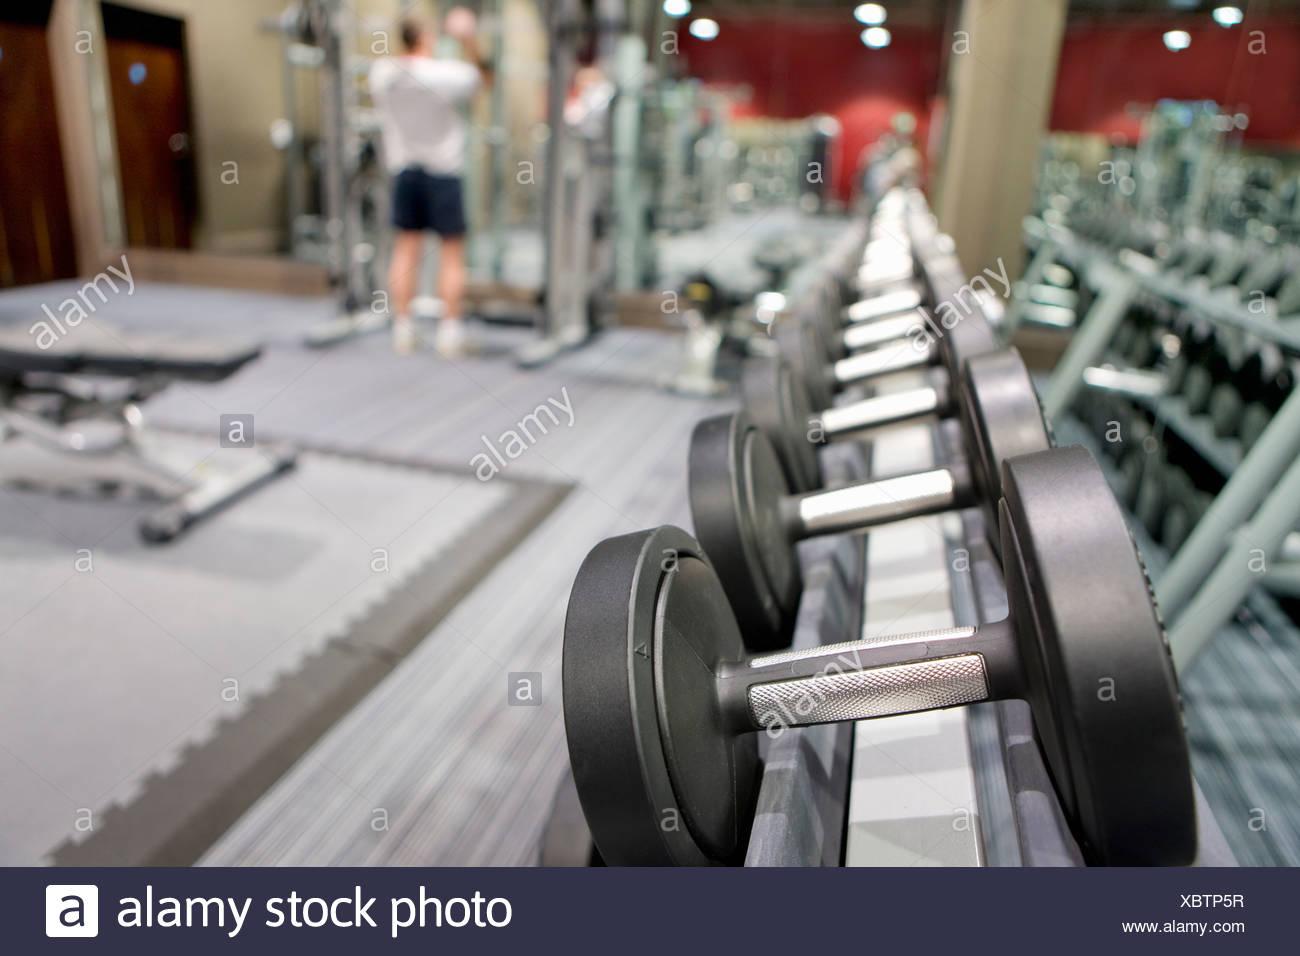 Rack di manubri nel club salute con uomo sollevamento pesi in background Immagini Stock